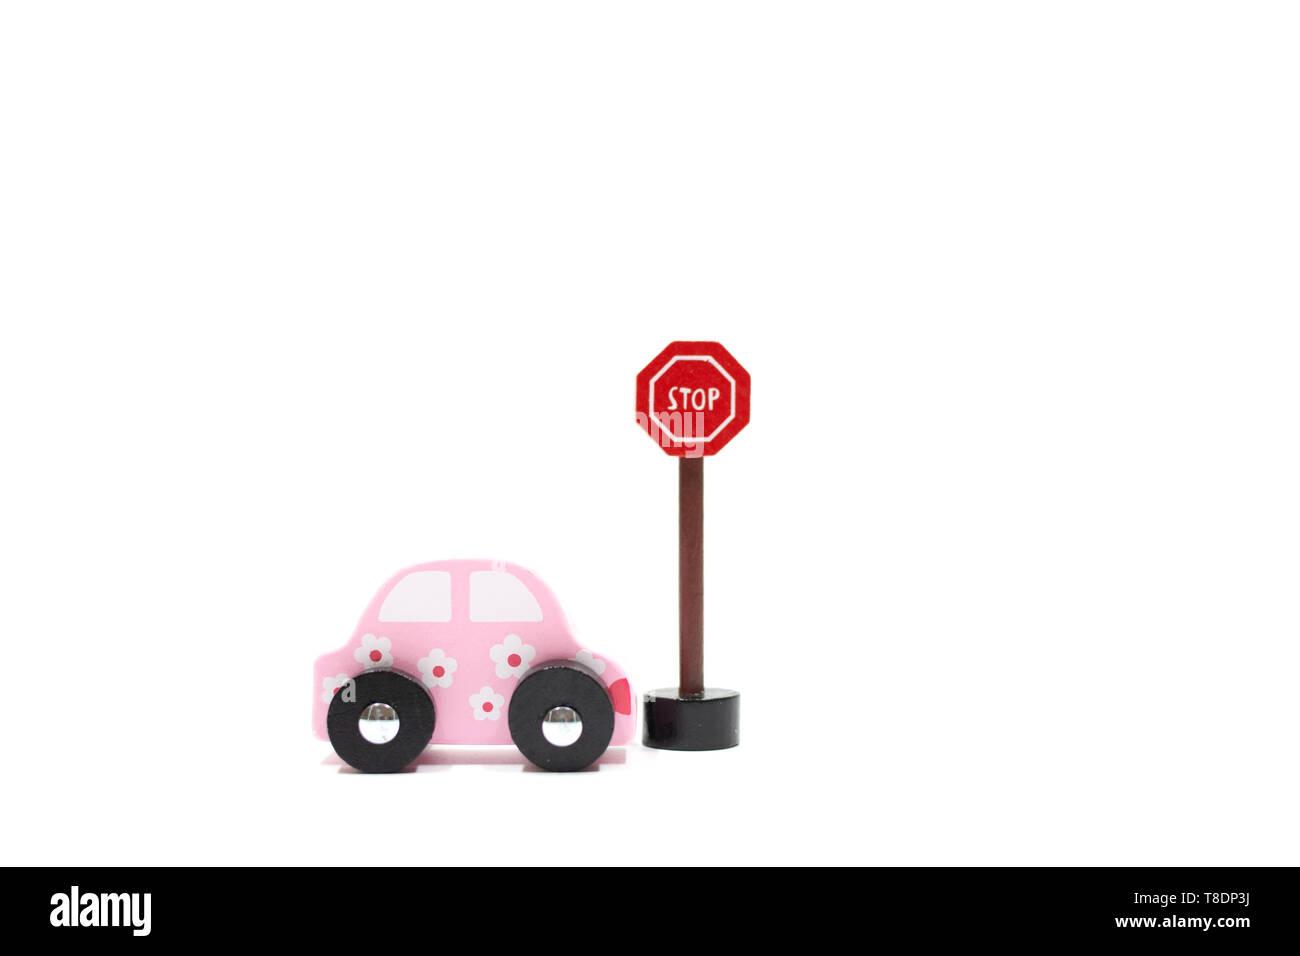 Aprenda a conducir los coches y signos sobre fondo blanco.Obtenga la licencia de conducir. Propósito para verano. licencia de conductor las normas de circulación de tráfico. Foto de stock